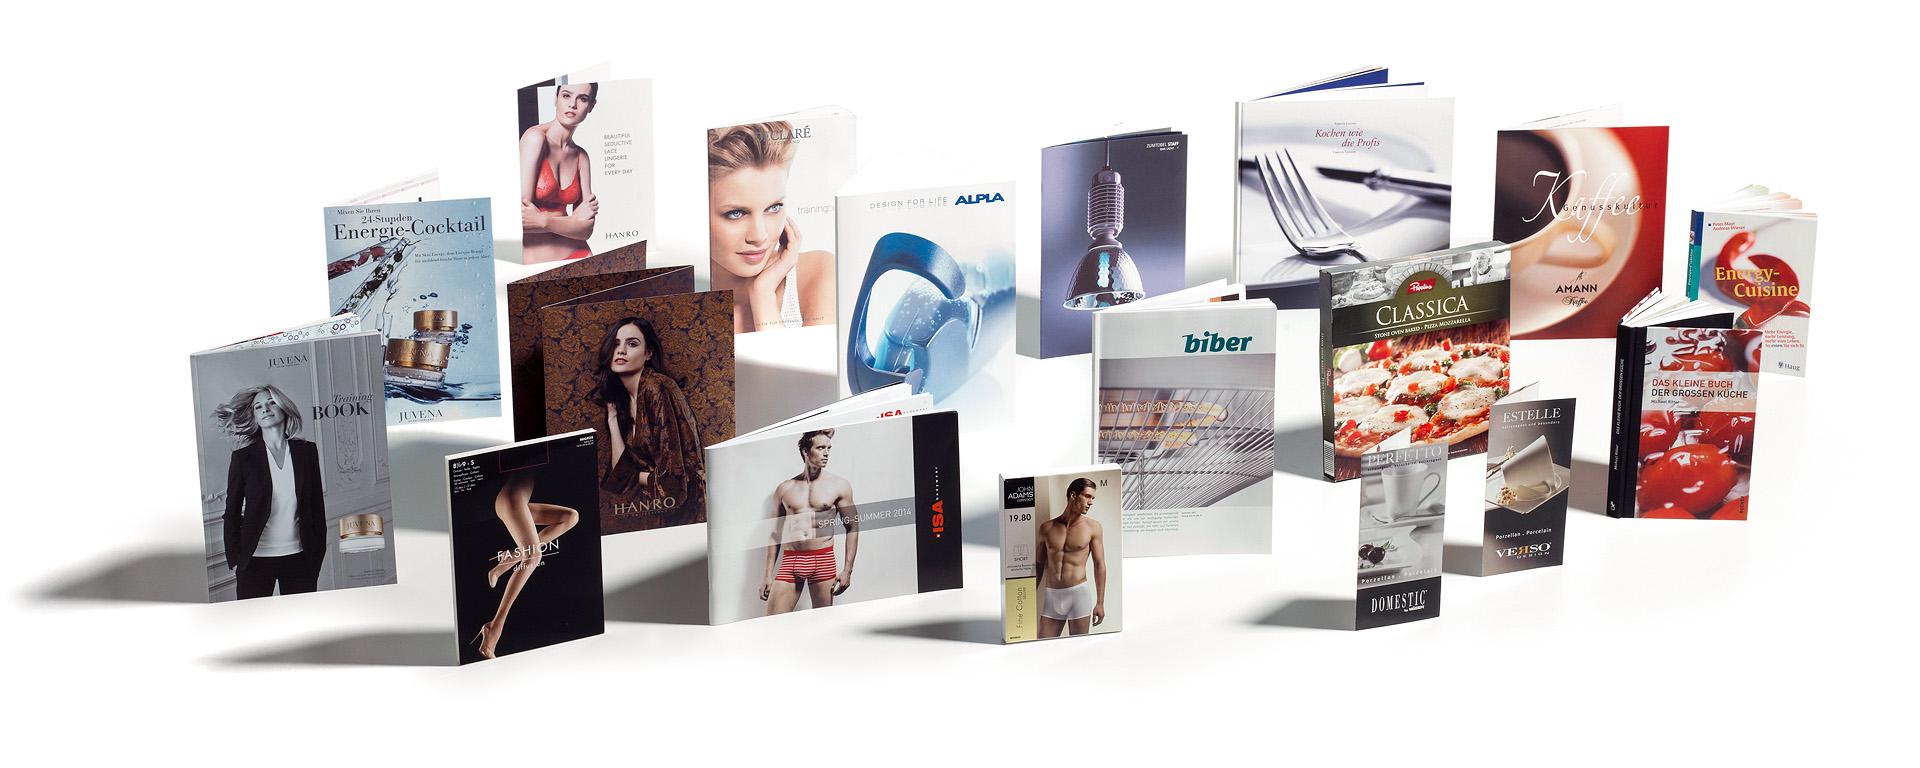 Fotowerk Referenzen: Kataloge, Verpackungen